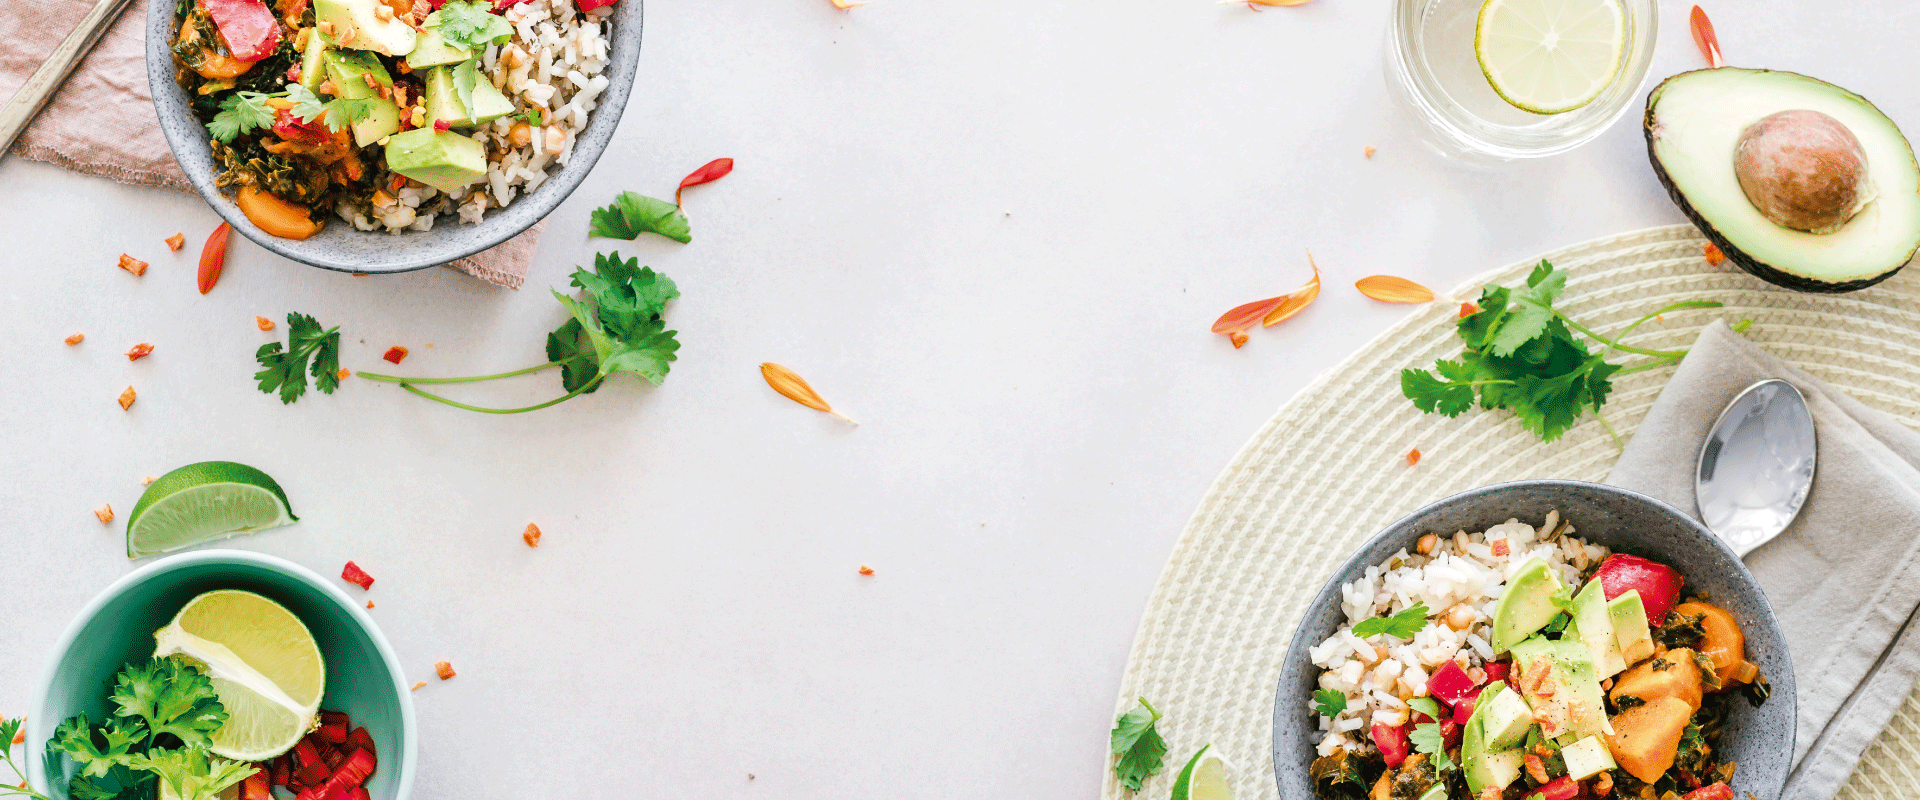 Bowls de comida saludable sobre una mesa blanca.